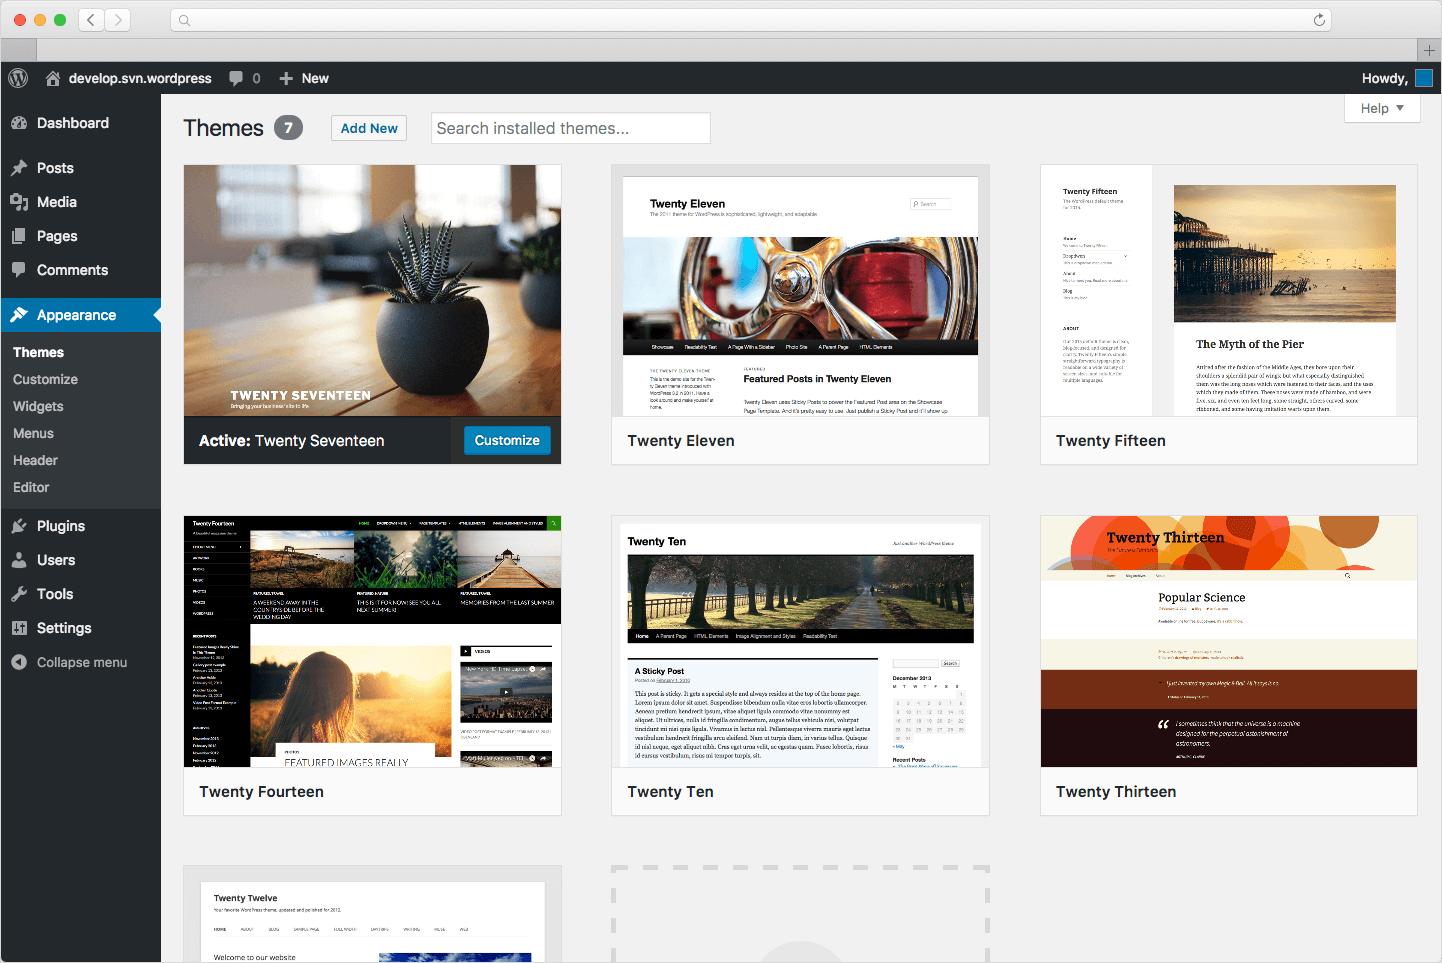 wordpress.org Favicon